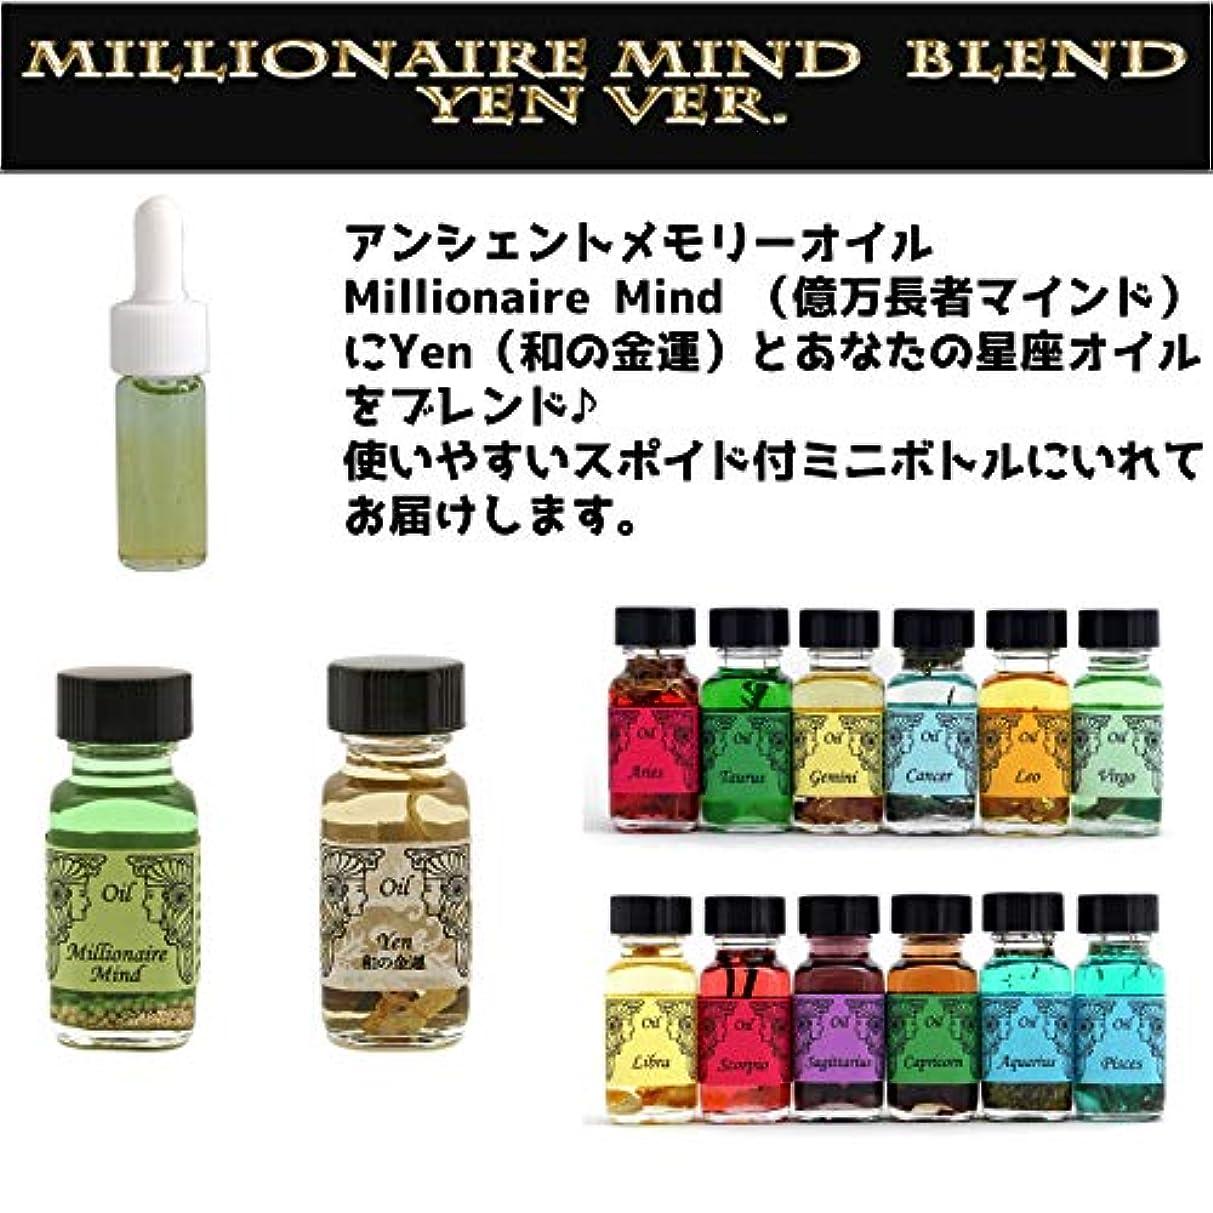 中止しますセッティング誠意アンシェントメモリーオイル Millionaire Mind 億万長者マインド ブレンド【Yen 和の金運&おとめ座】